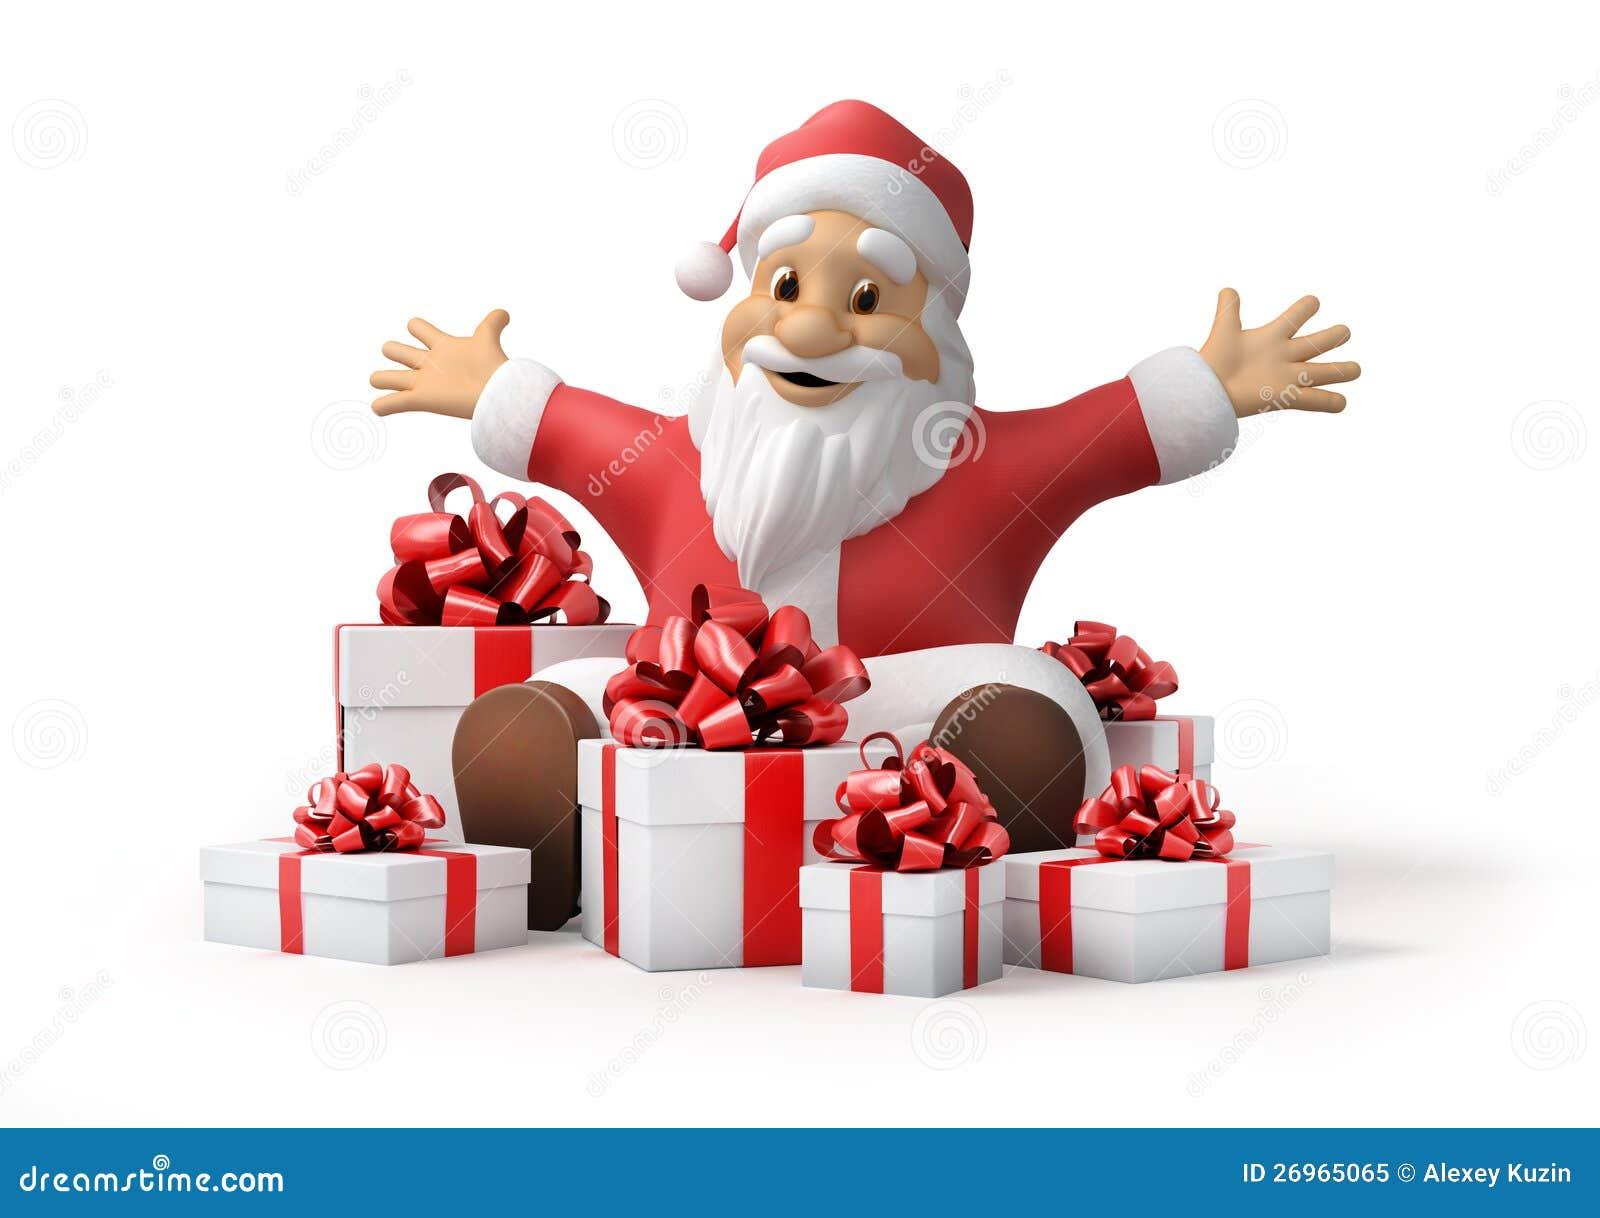 santa claus with gifts - Santa Santa Claus